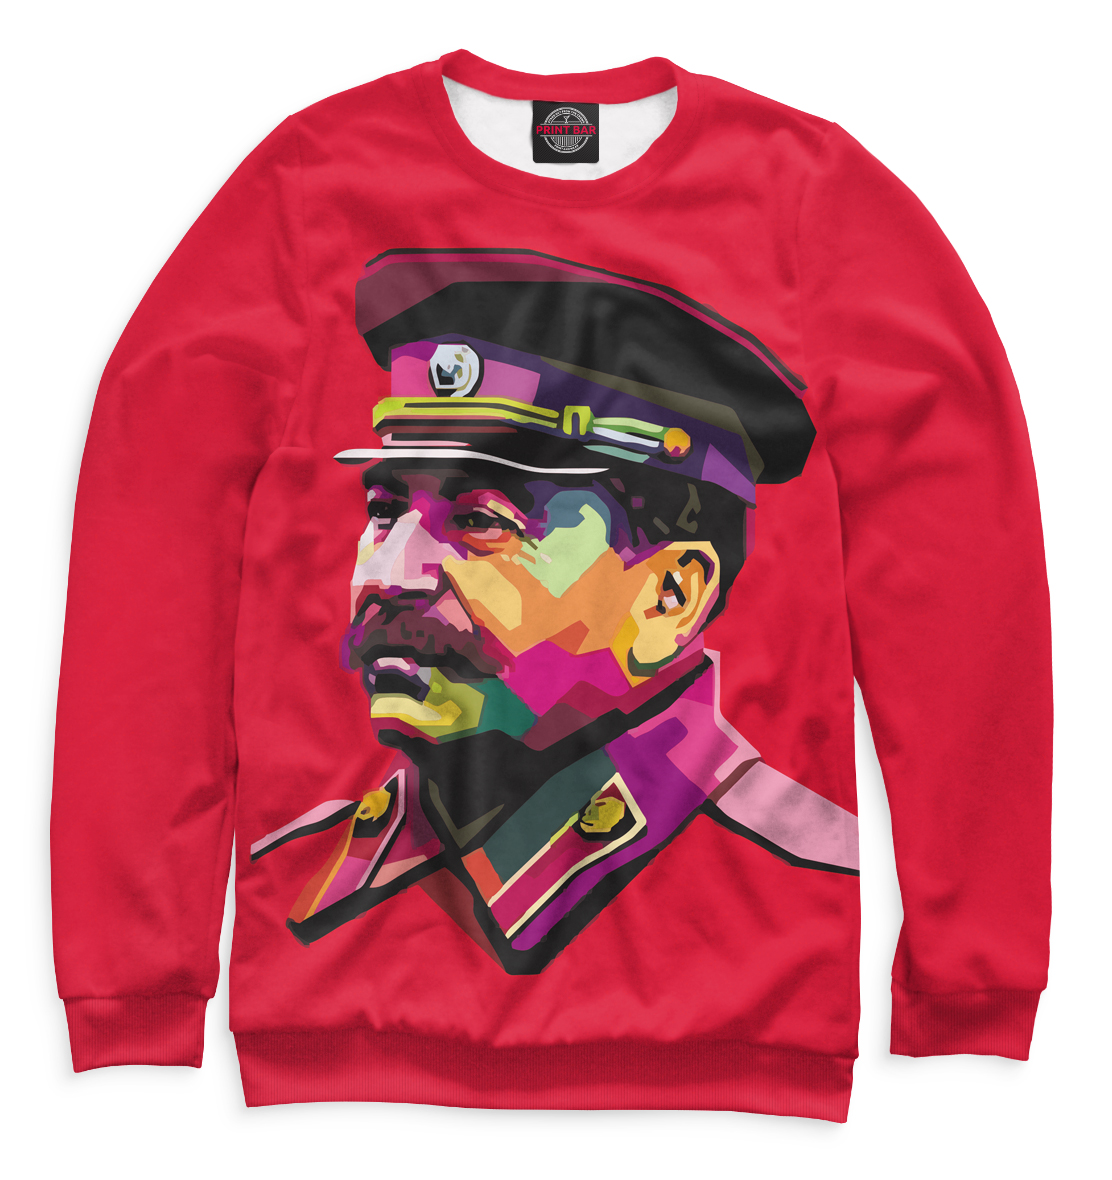 Купить Женский свитшот Сталин SSS-861796-swi-1